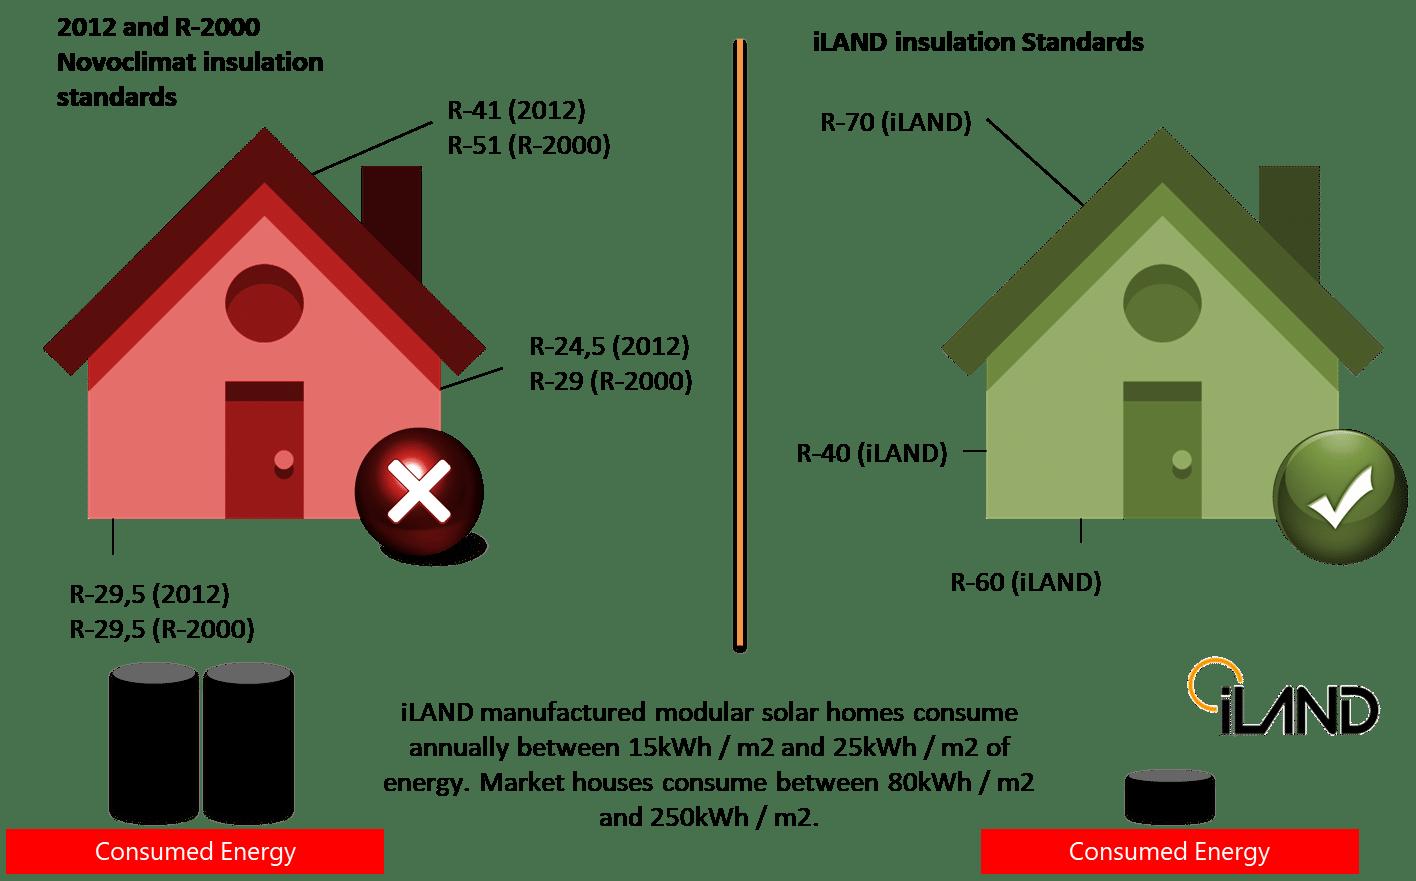 Comparaison côte à côte de l'isolation d'une maison iLAND et d'une construction régulière, avec iLAND surpassant dans tous les aspects